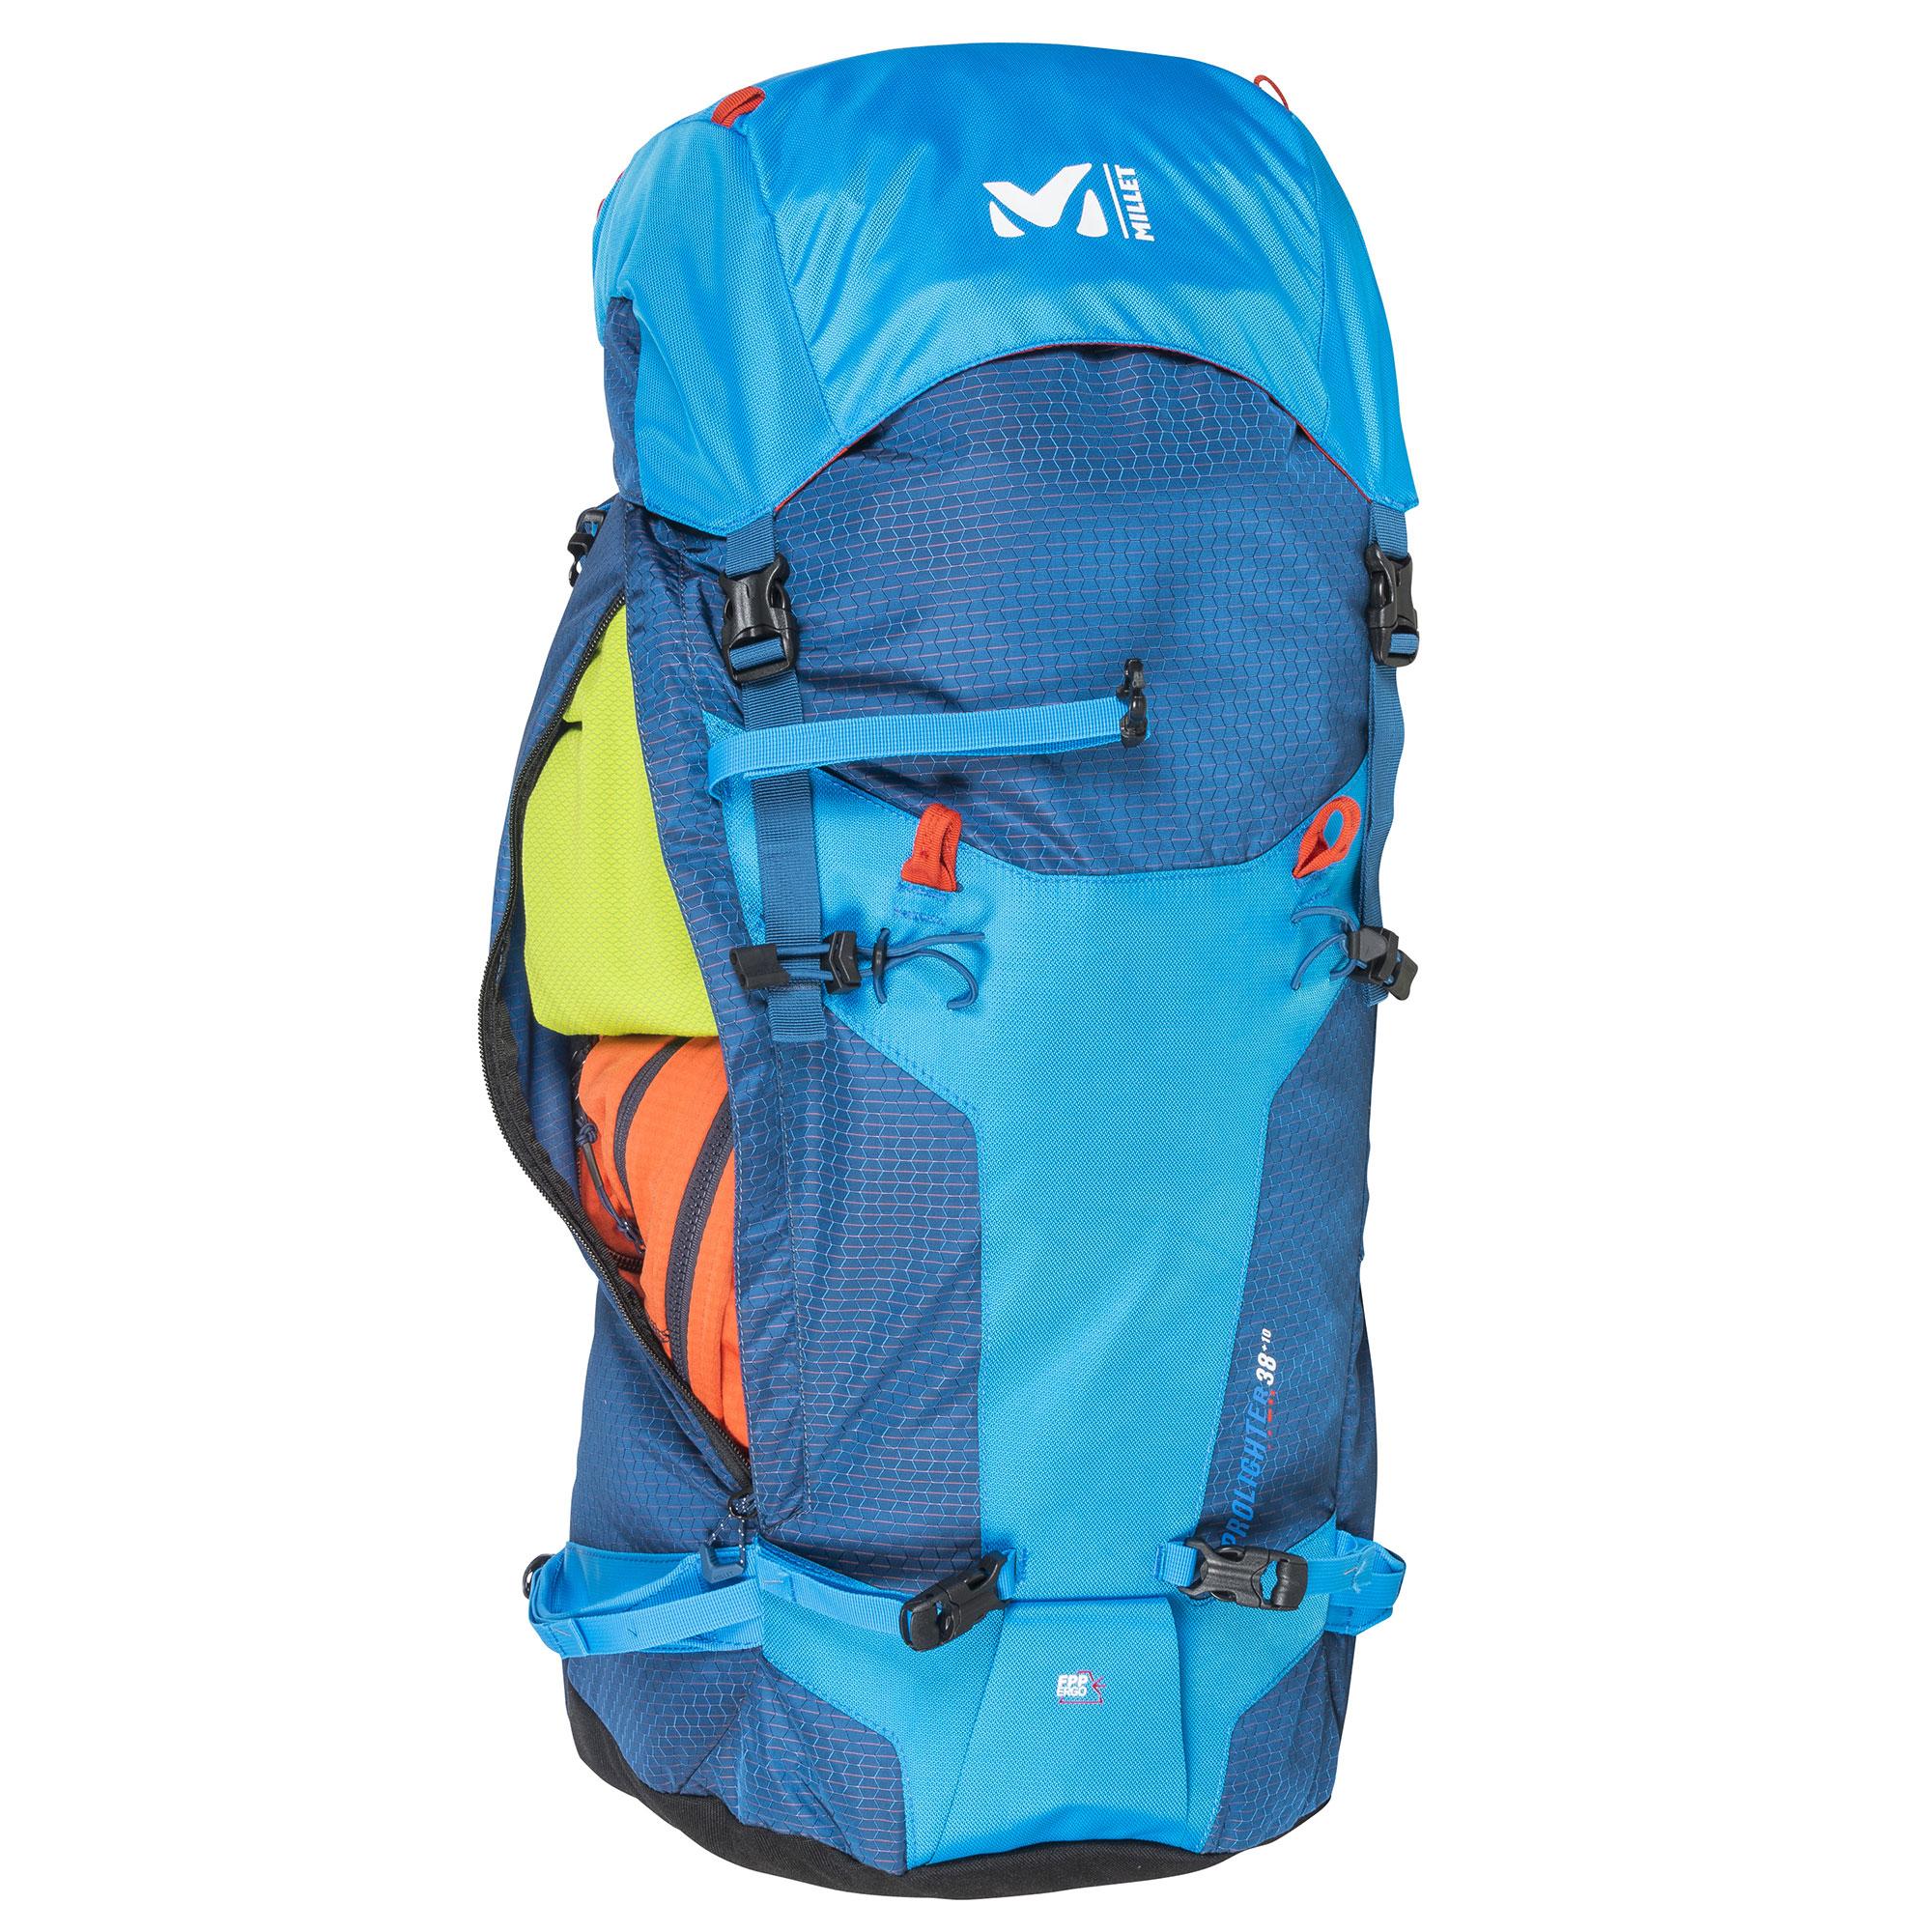 Trekland - Predaj outdoorového oblečenia a turistických potrieb ... 3f912f9c85